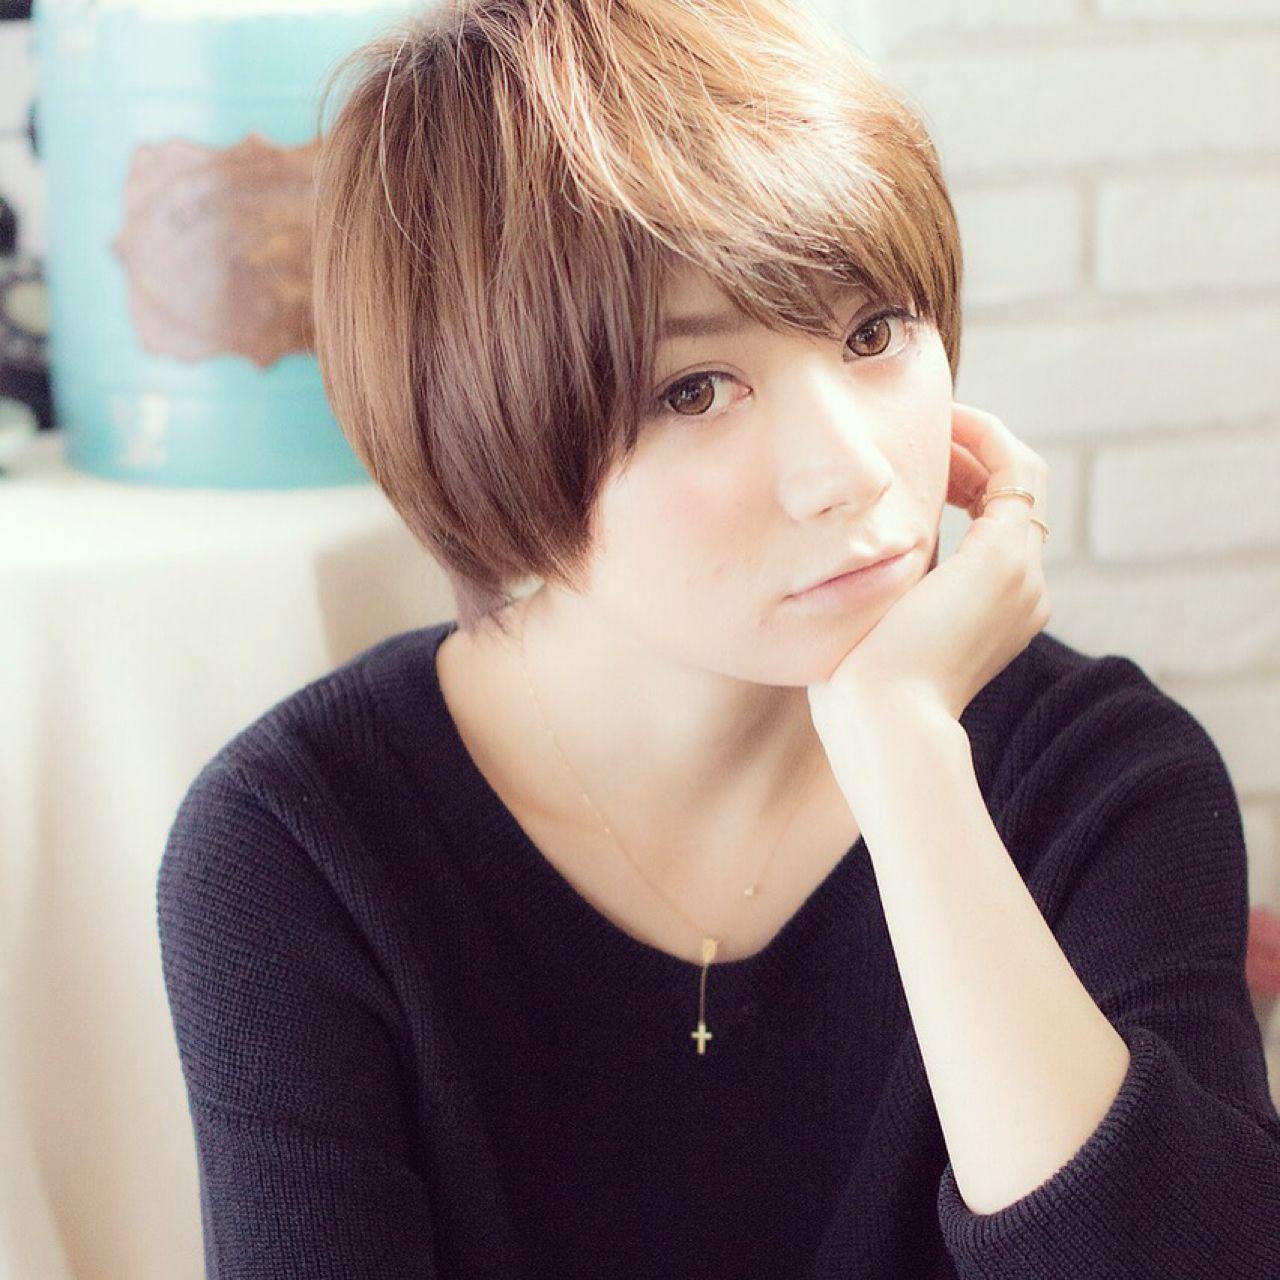 ショート 愛され 大人かわいい モテ髪 ヘアスタイルや髪型の写真・画像 | 東海林翔太 LinobyU-REALM / Lino by U-REALM